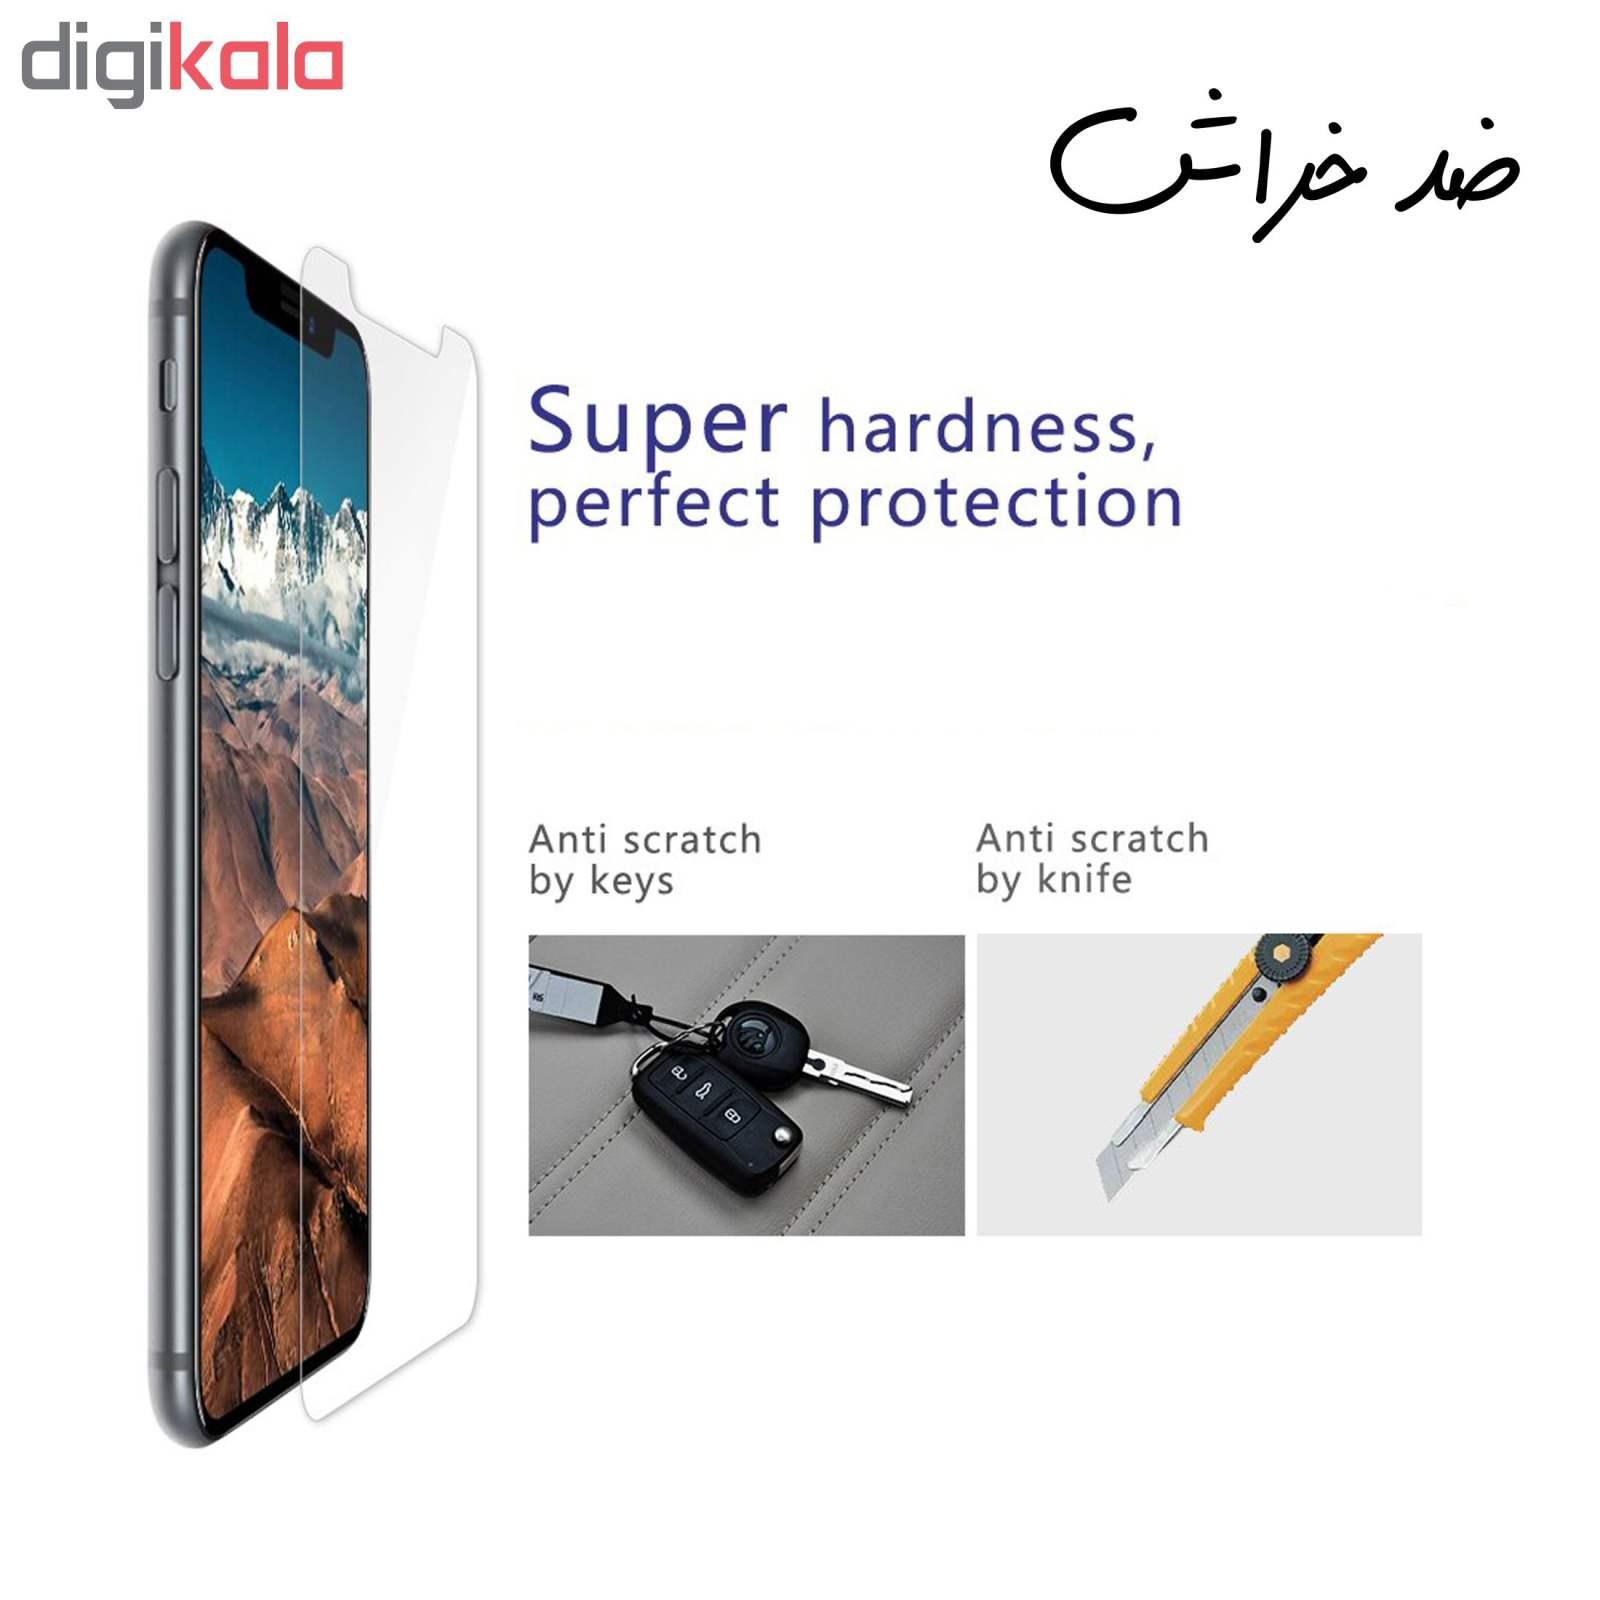 محافظ صفحه نمایش Hard and thick مدل F-001 مناسب برای گوشی موبایل سامسونگ Galaxy Note 10 main 1 4